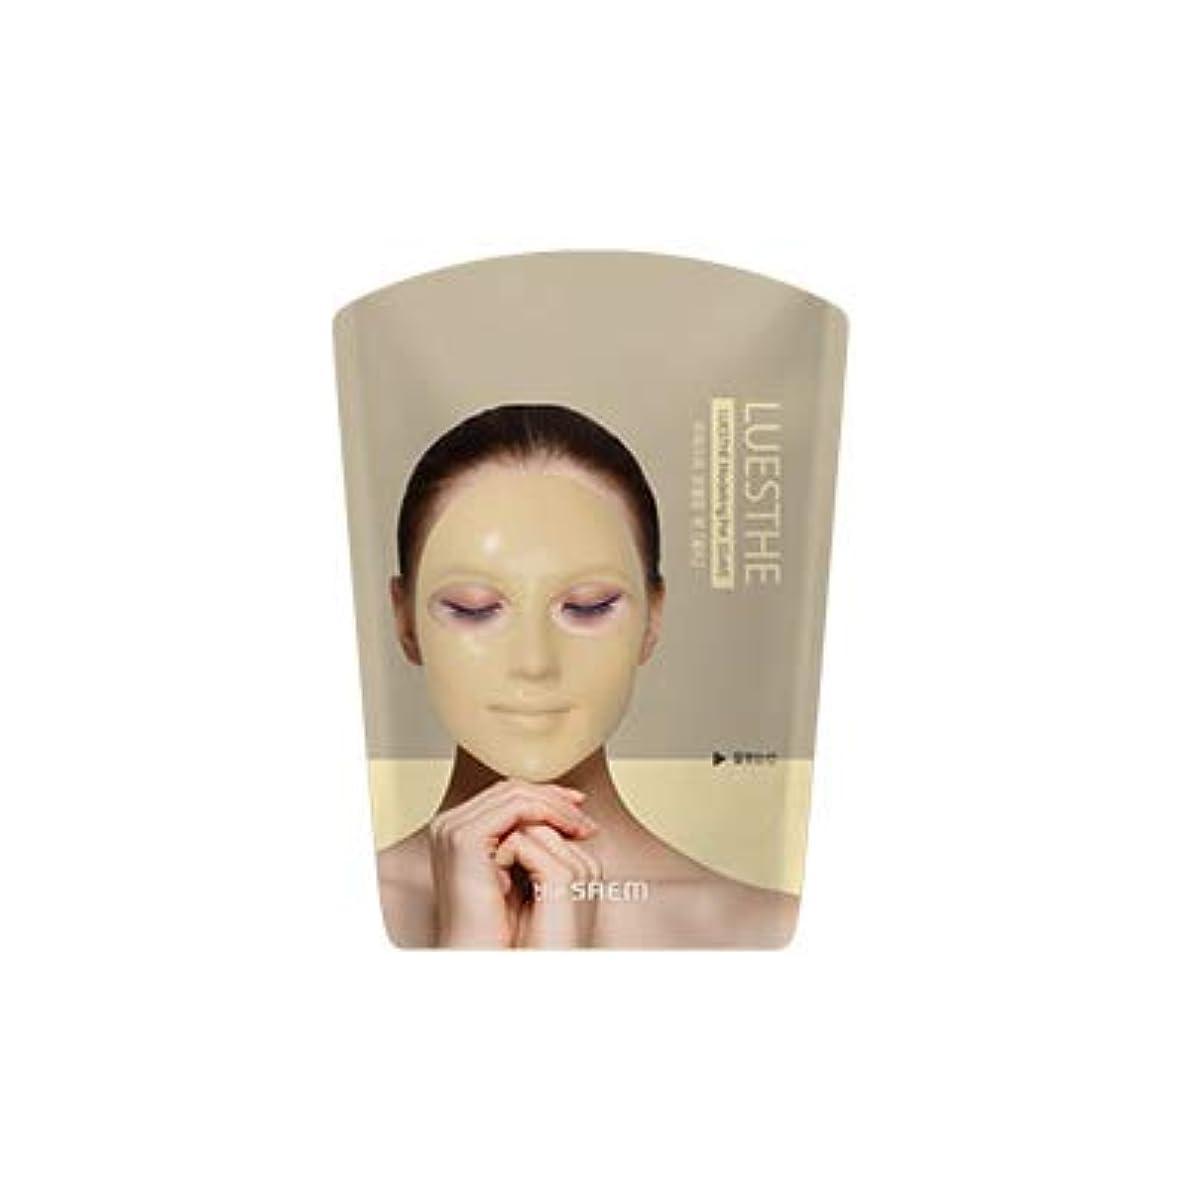 多様性のれん医療の【The Saem】ザセム ルエステ モデリング パット/Luesthe Modeling Pot/韓国コスメ (ゴールド)